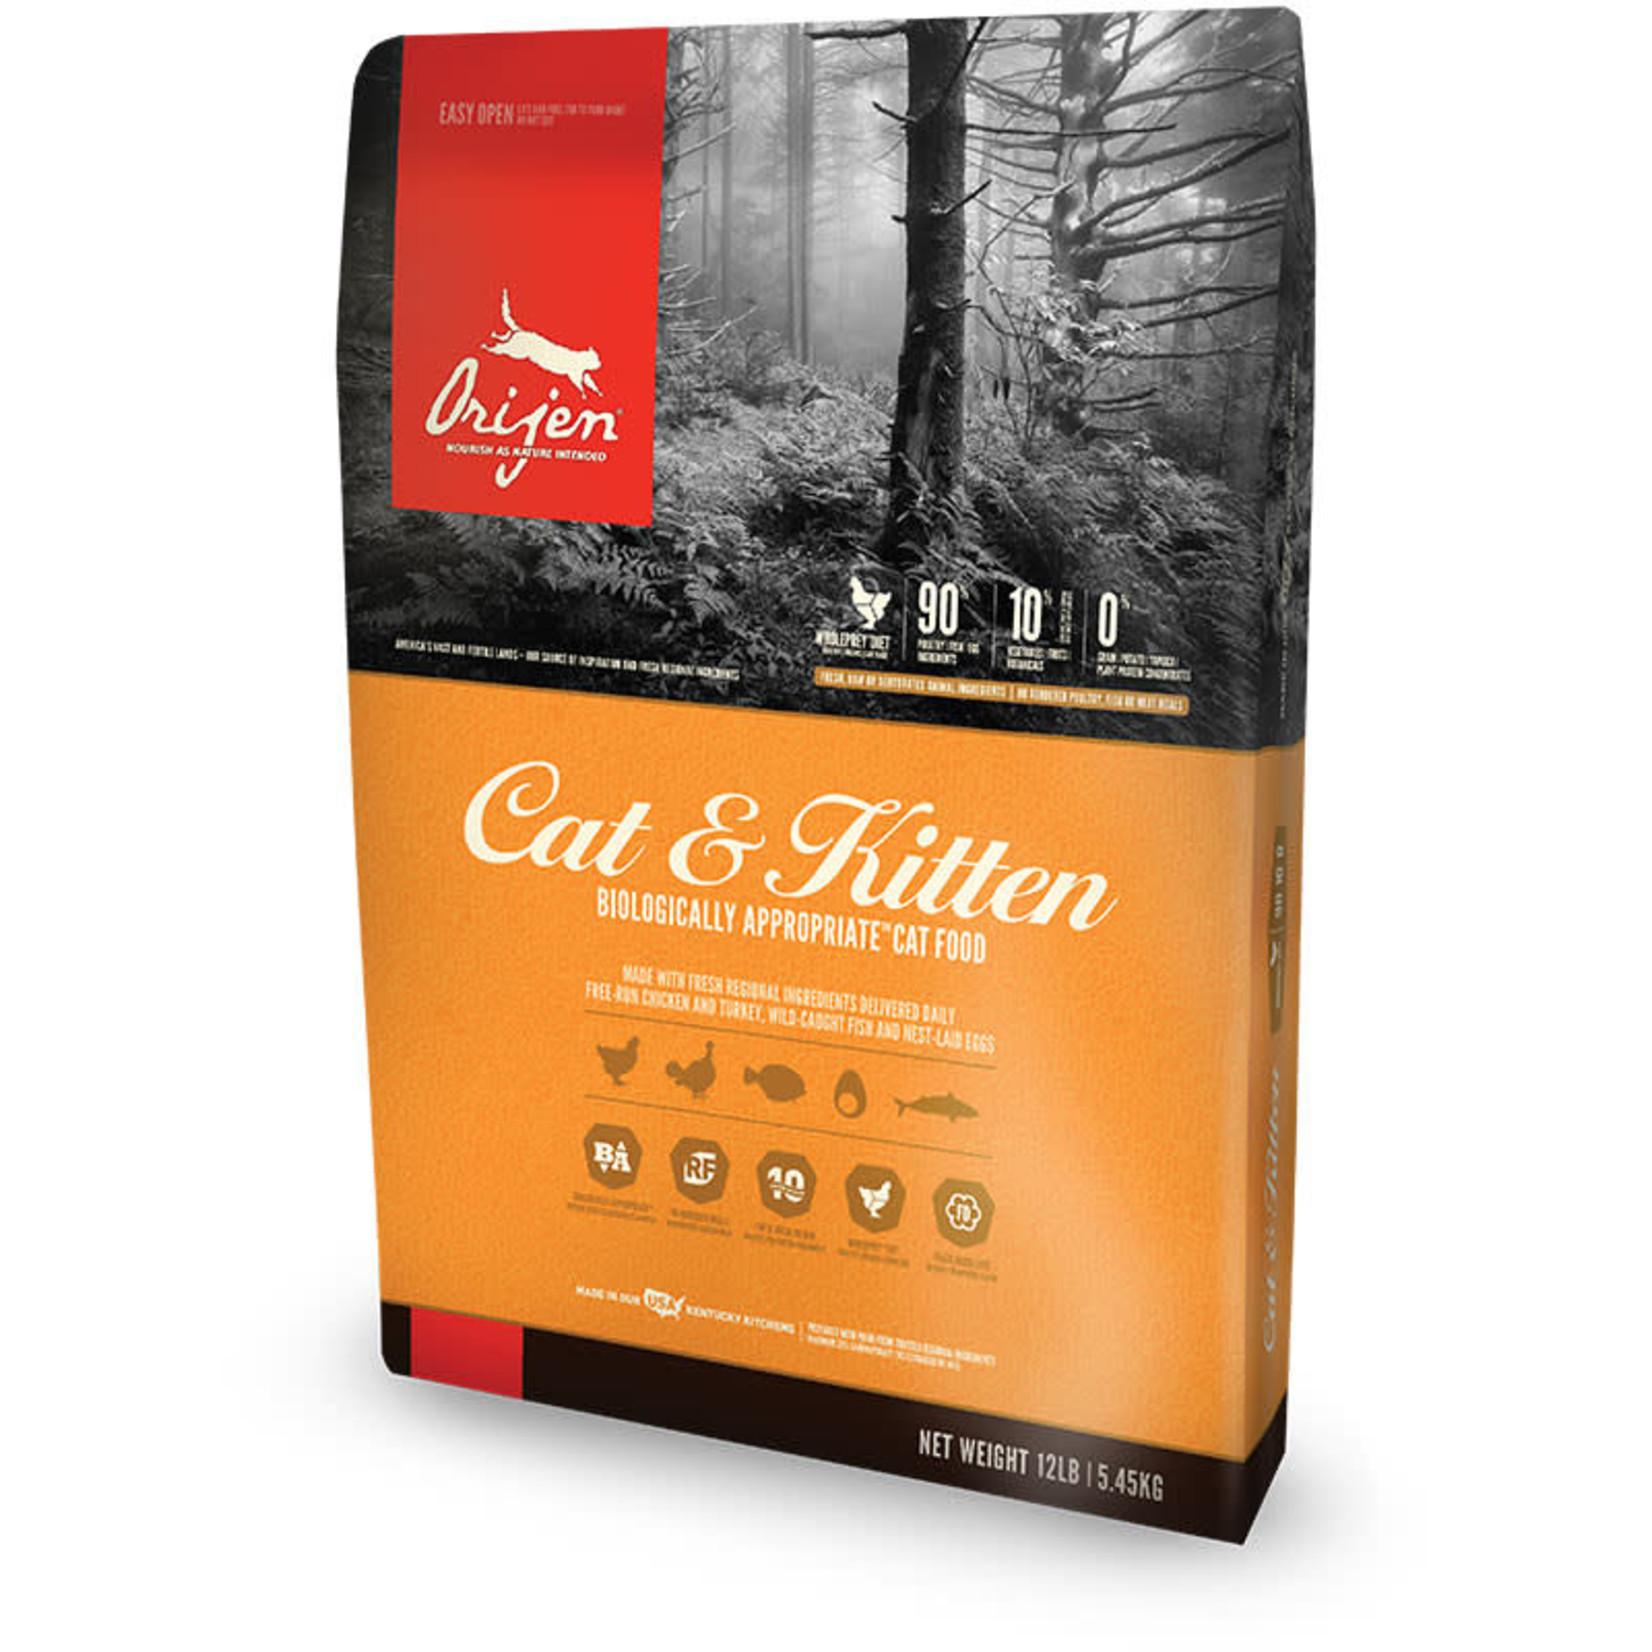 Orijen Orijen Cat & Kitten Food